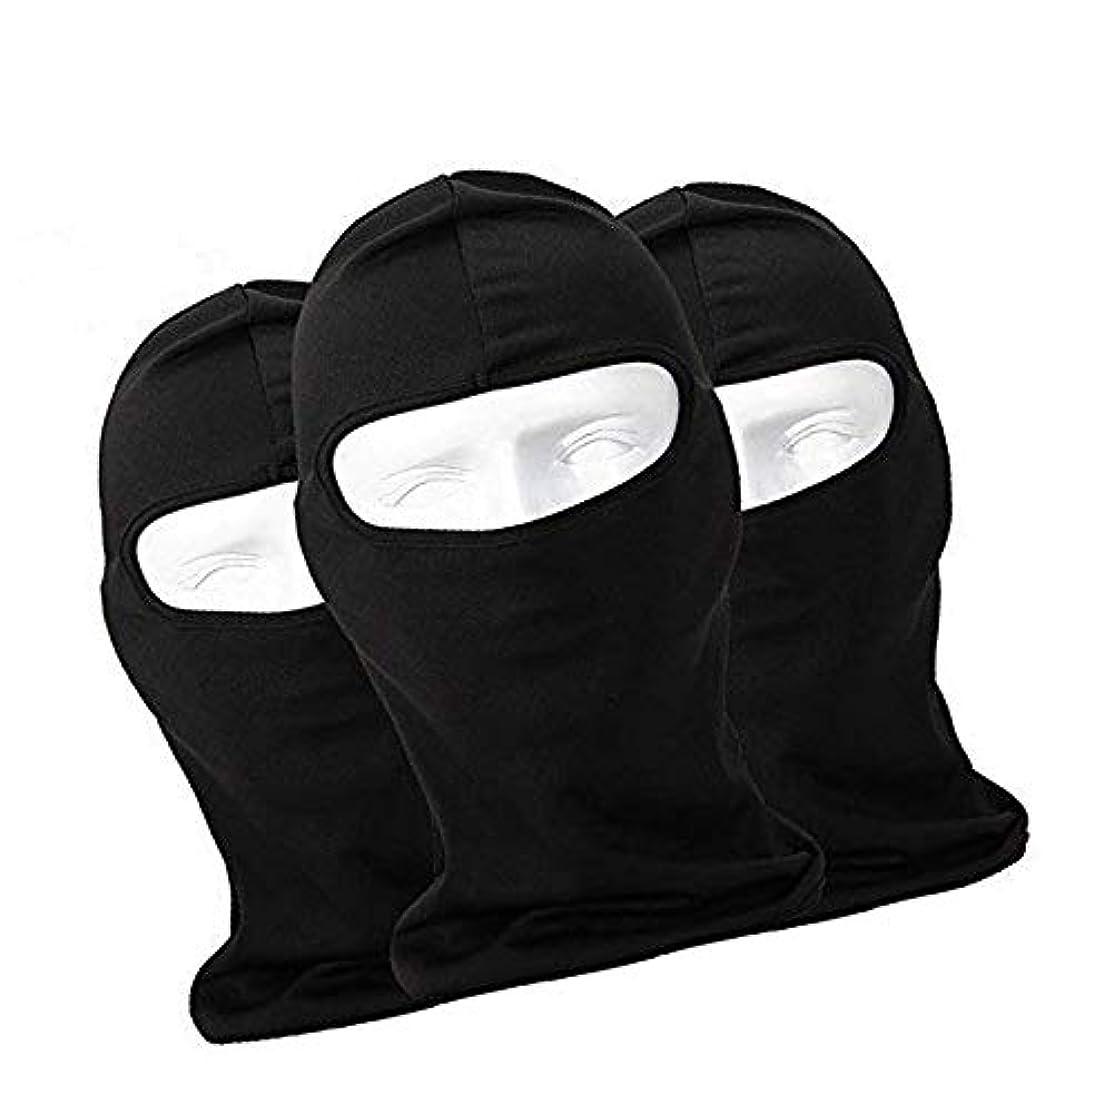 思春期ピカリング解任フェイスマスク 通気 速乾 ヘッドウェア ライクラ生地 目だし帽 バラクラバ 保温 UVカット,ブラック,3枚